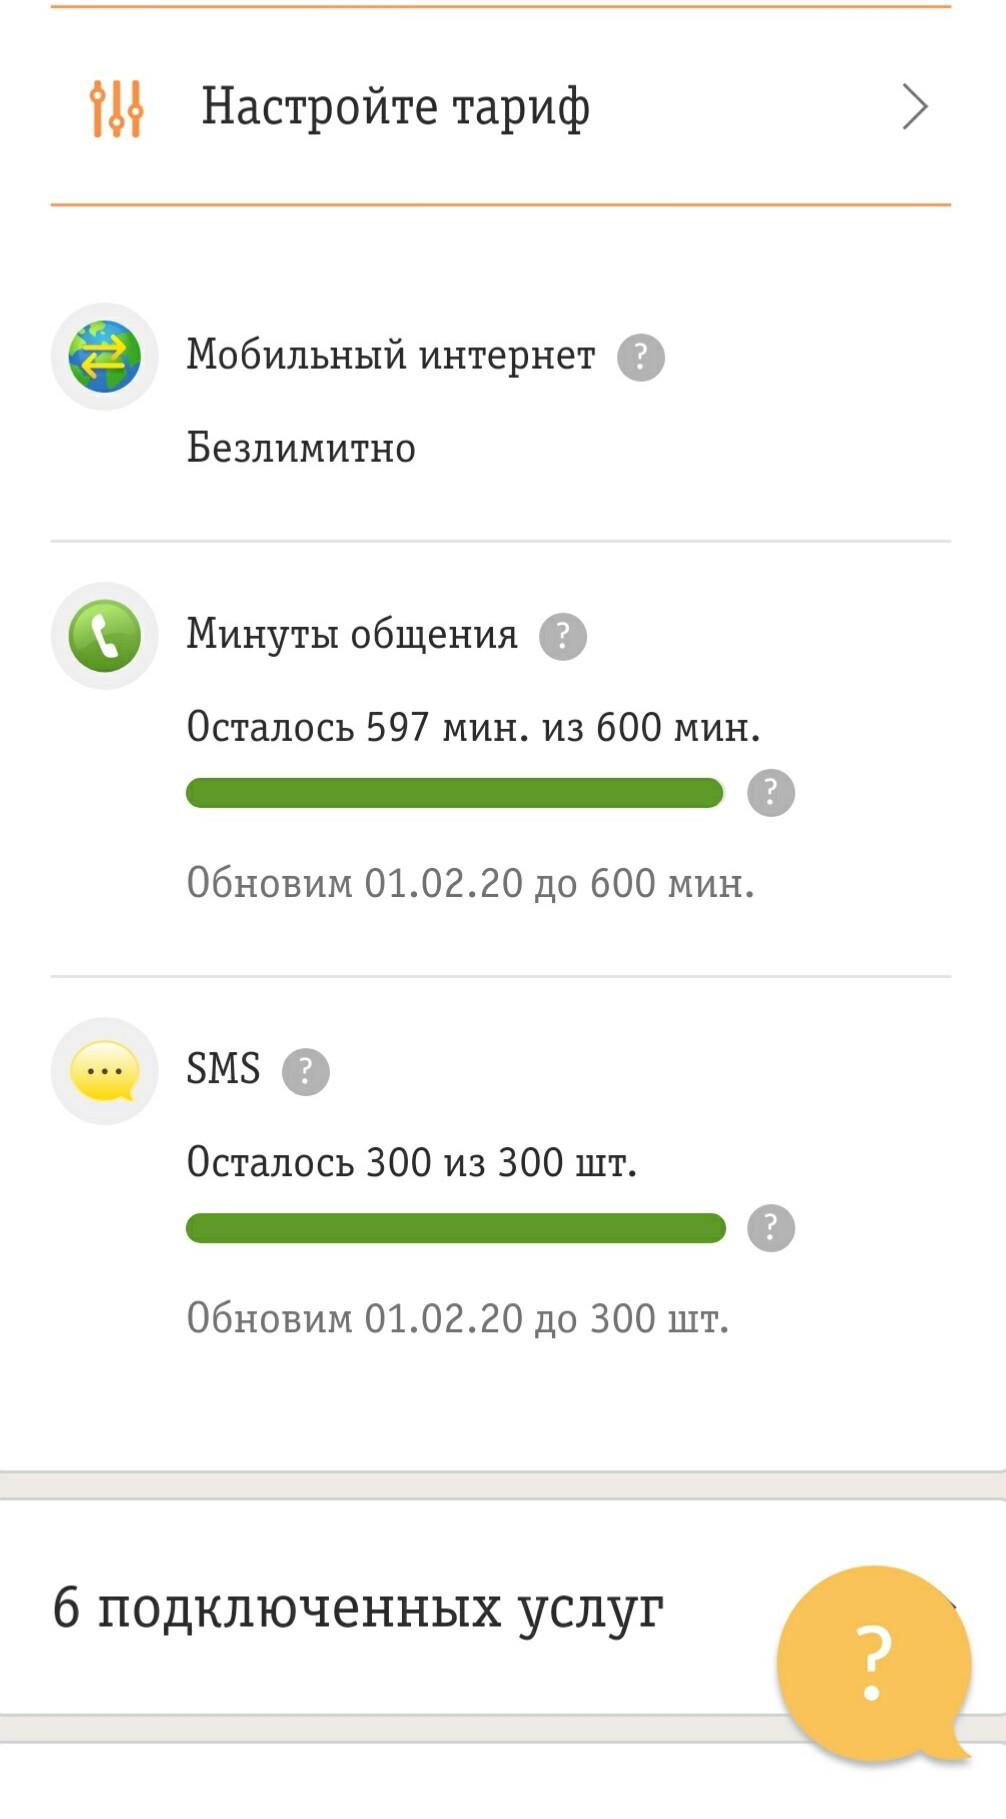 как взять кредит билайн 300 рублей газель новая кредит